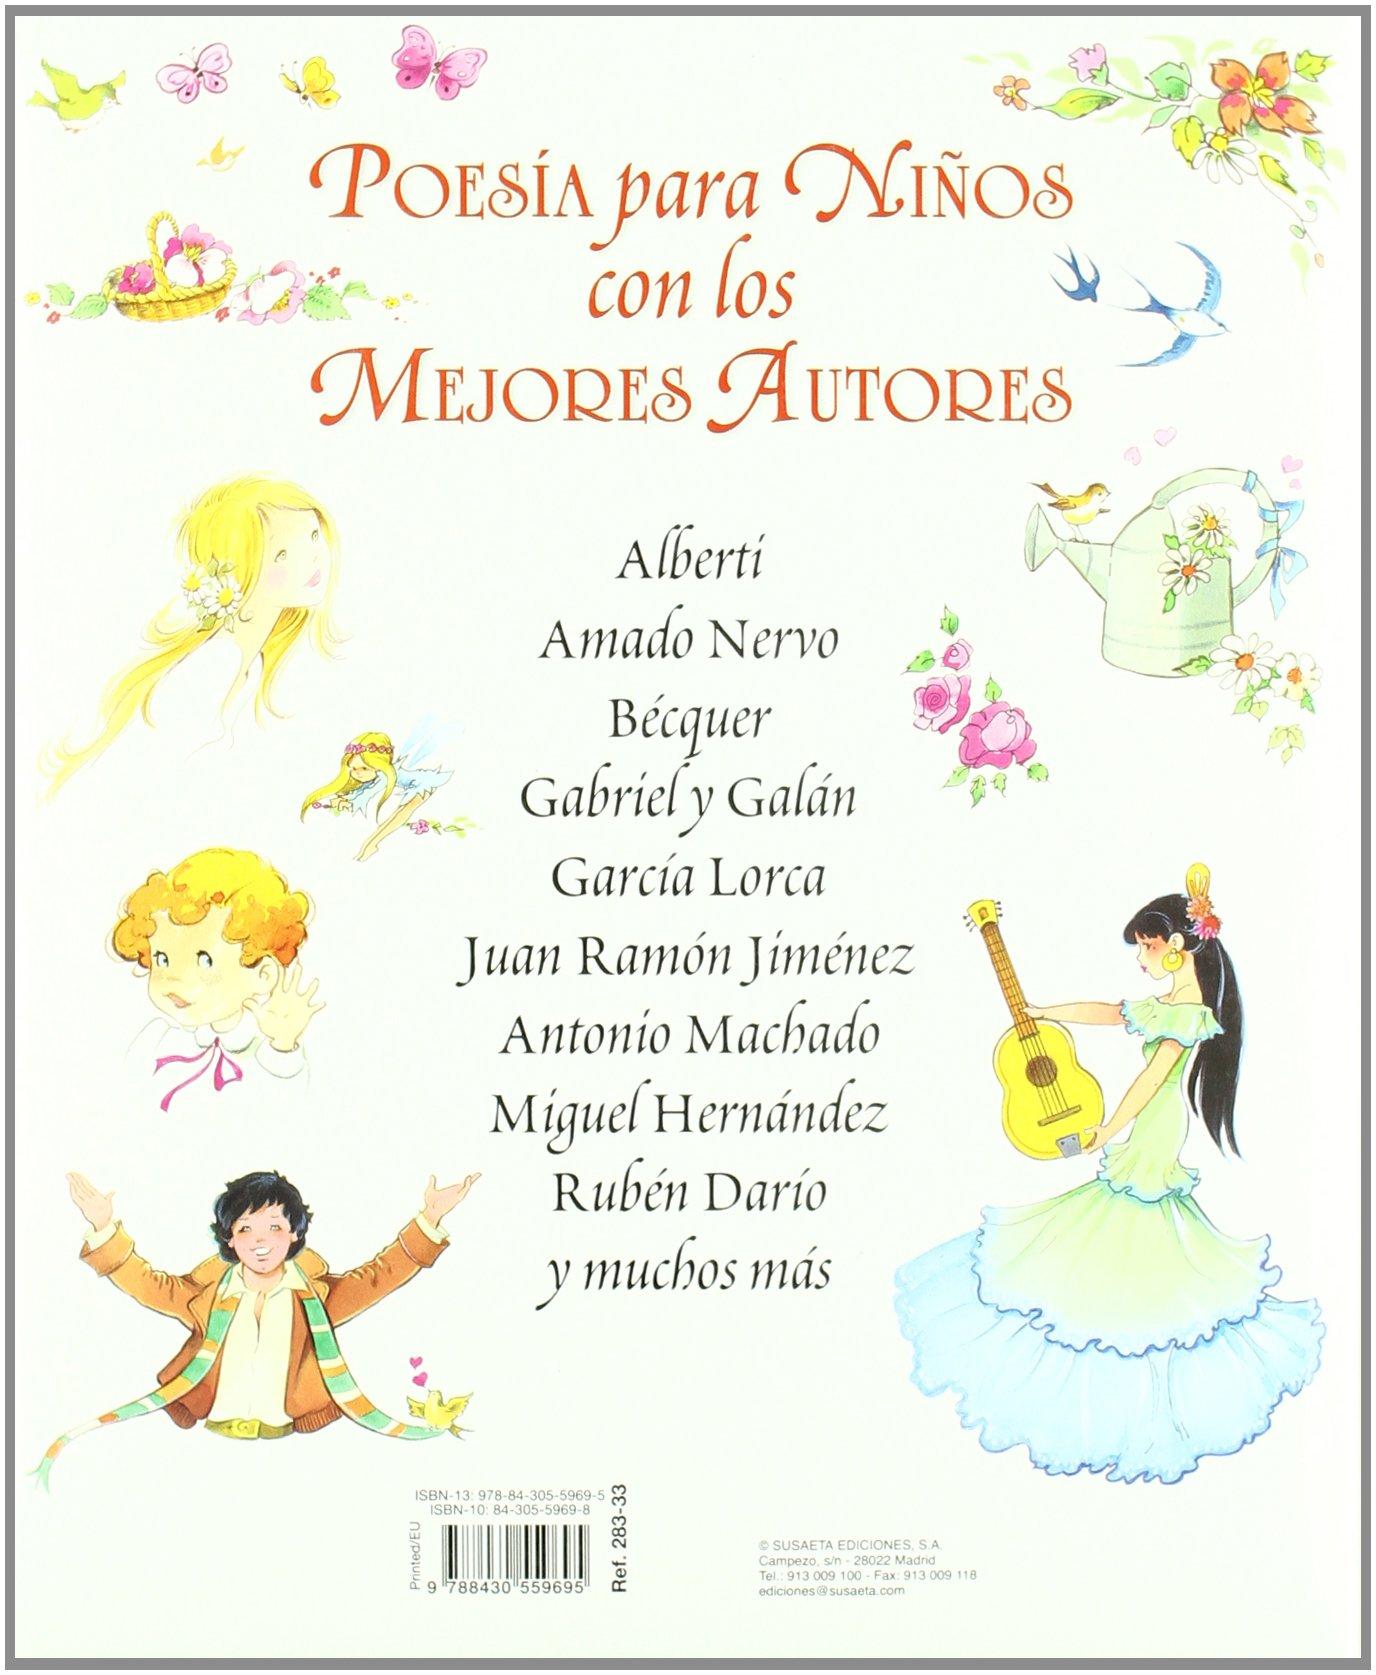 El Mejor Libro De Poesía Para Niños Grandes Libros Spanish Edition Susaeta Publishing Inc 9788430559695 Books